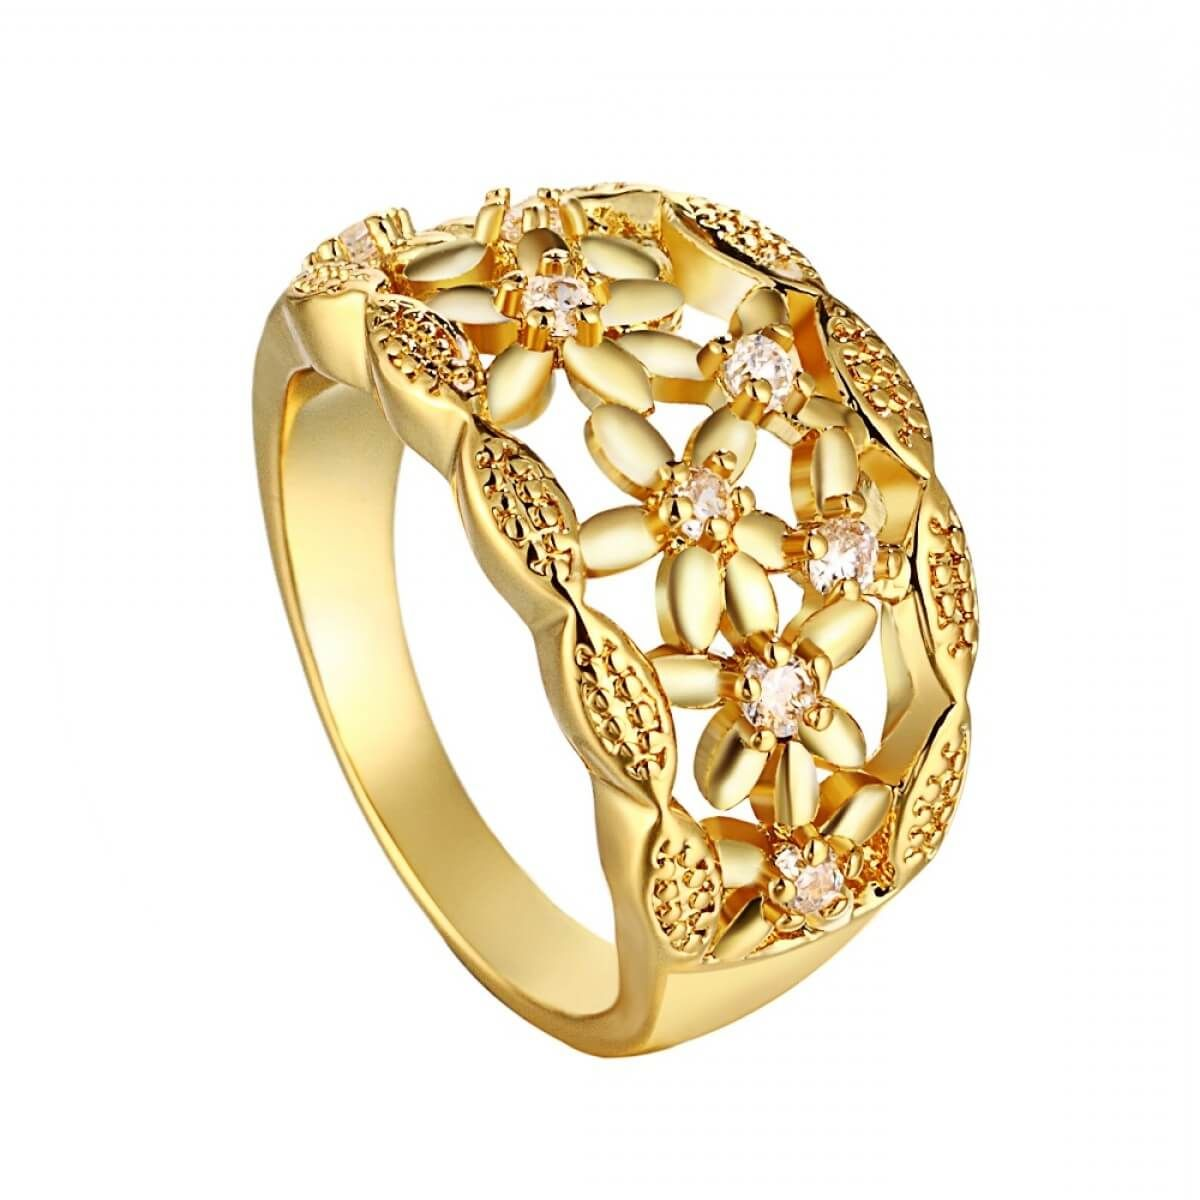 15 Elegant Gold Ring Designs For Women Fashionterest Gold Ring Designs Ring Design For Female Jewelry Design